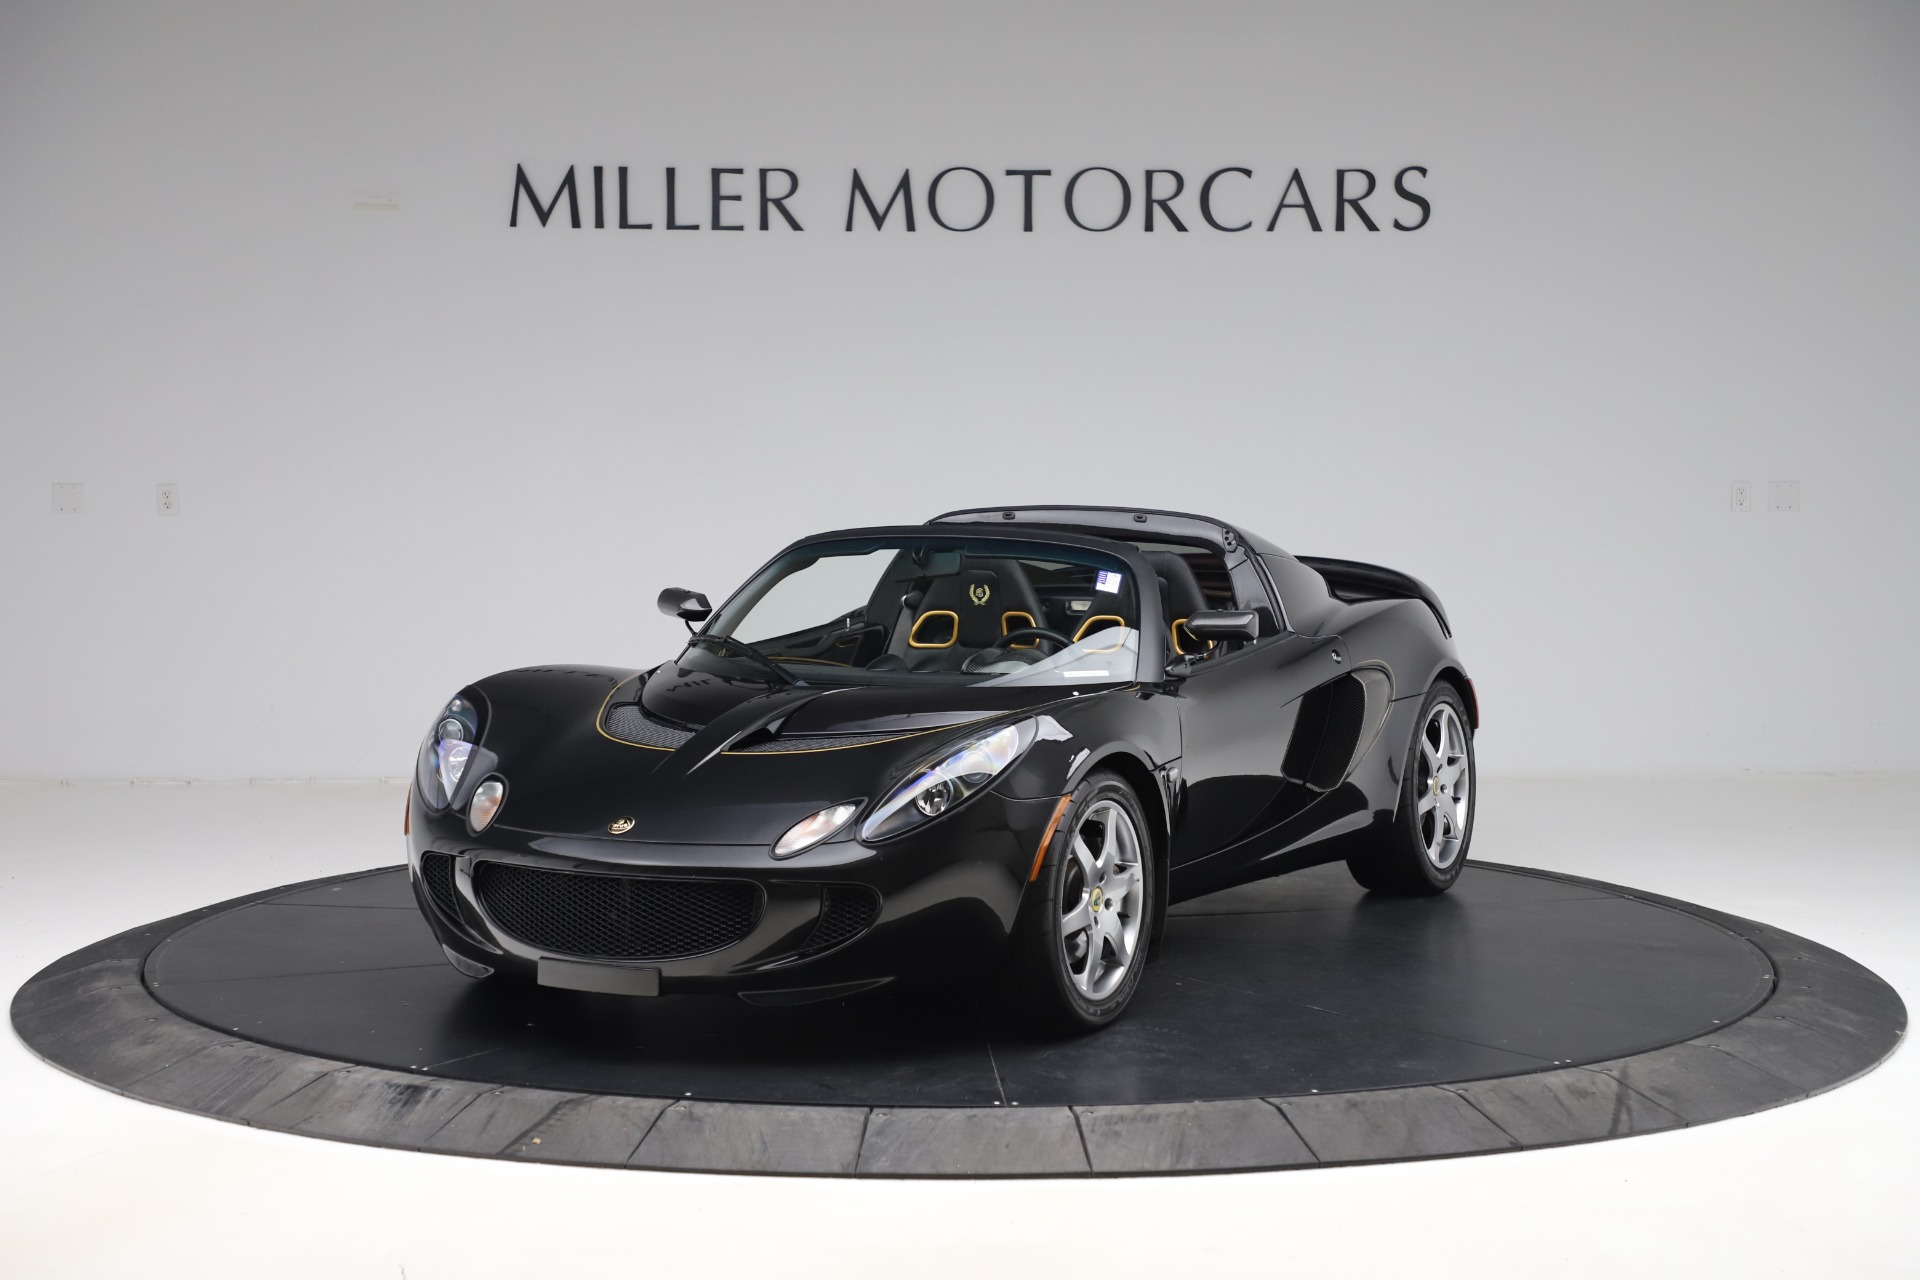 Used 2007 Lotus Elise Type 72D for sale $39,900 at Alfa Romeo of Westport in Westport CT 06880 1